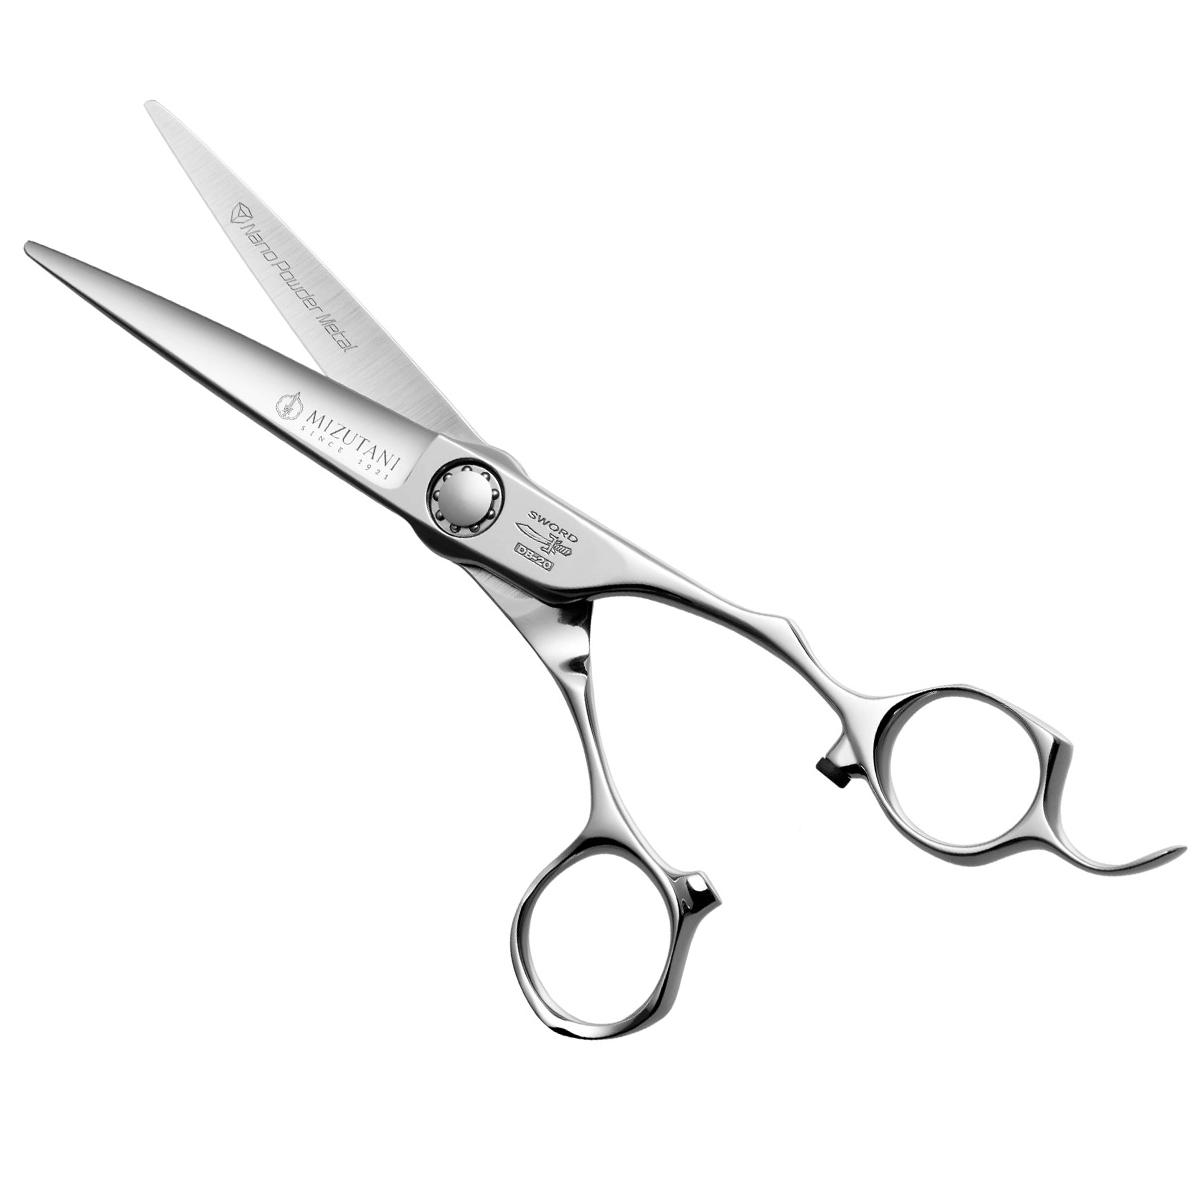 Mizutani-SWORD-DB-20-scissors